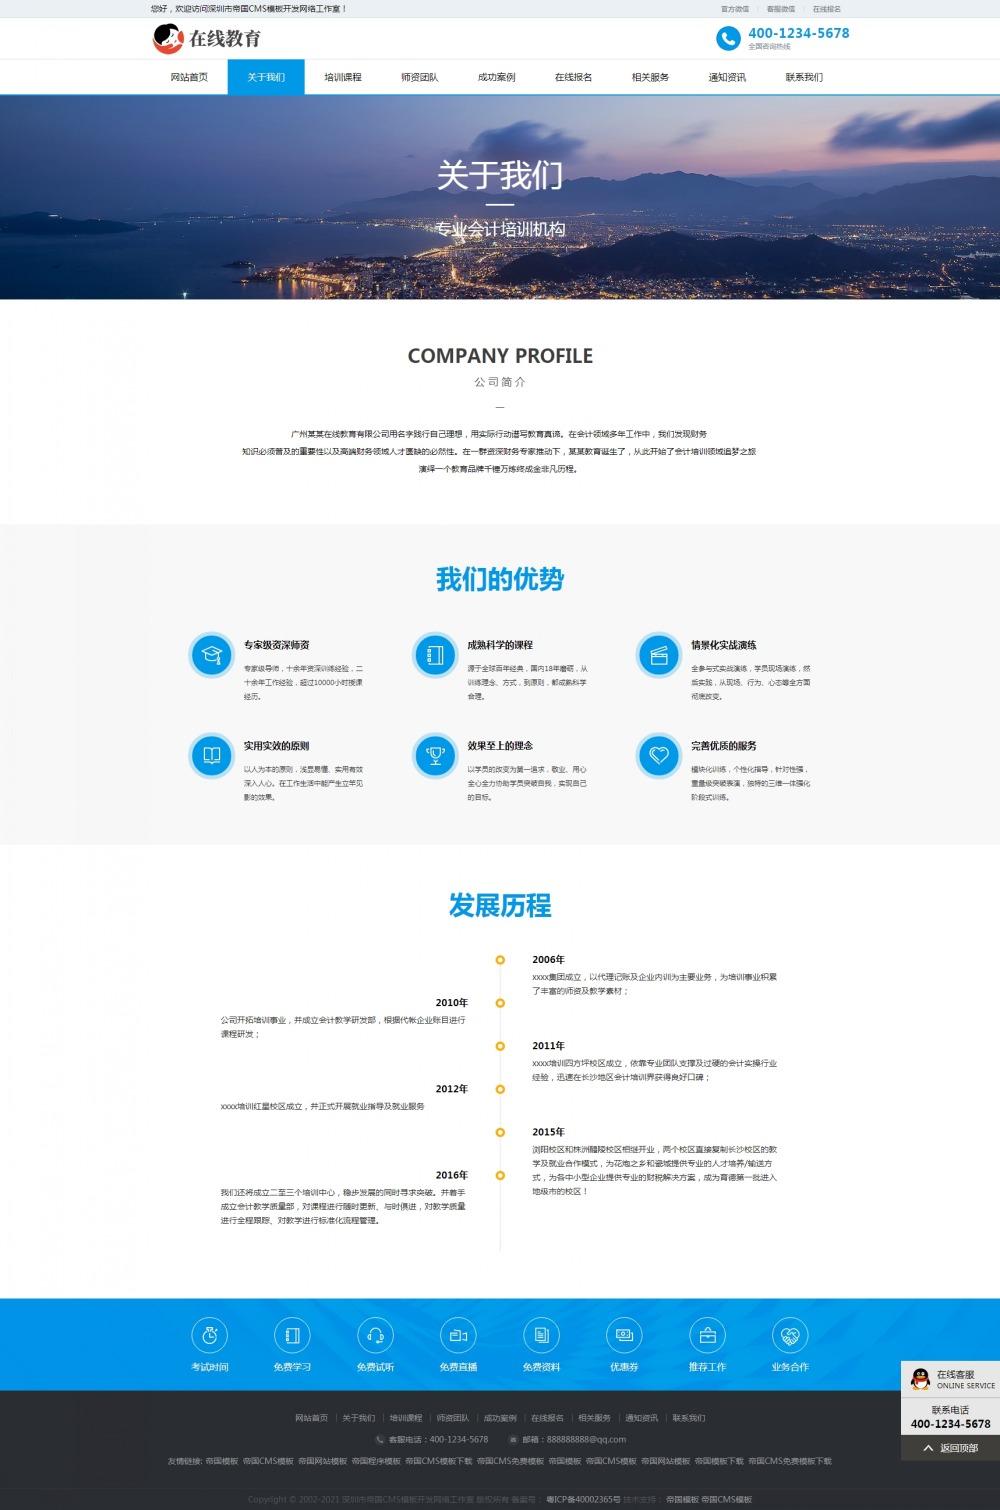 [DG-0183]响应式在线教育培训类网站帝国cms模板_教育培训机构帝国网站源码下载 企业模板 第2张